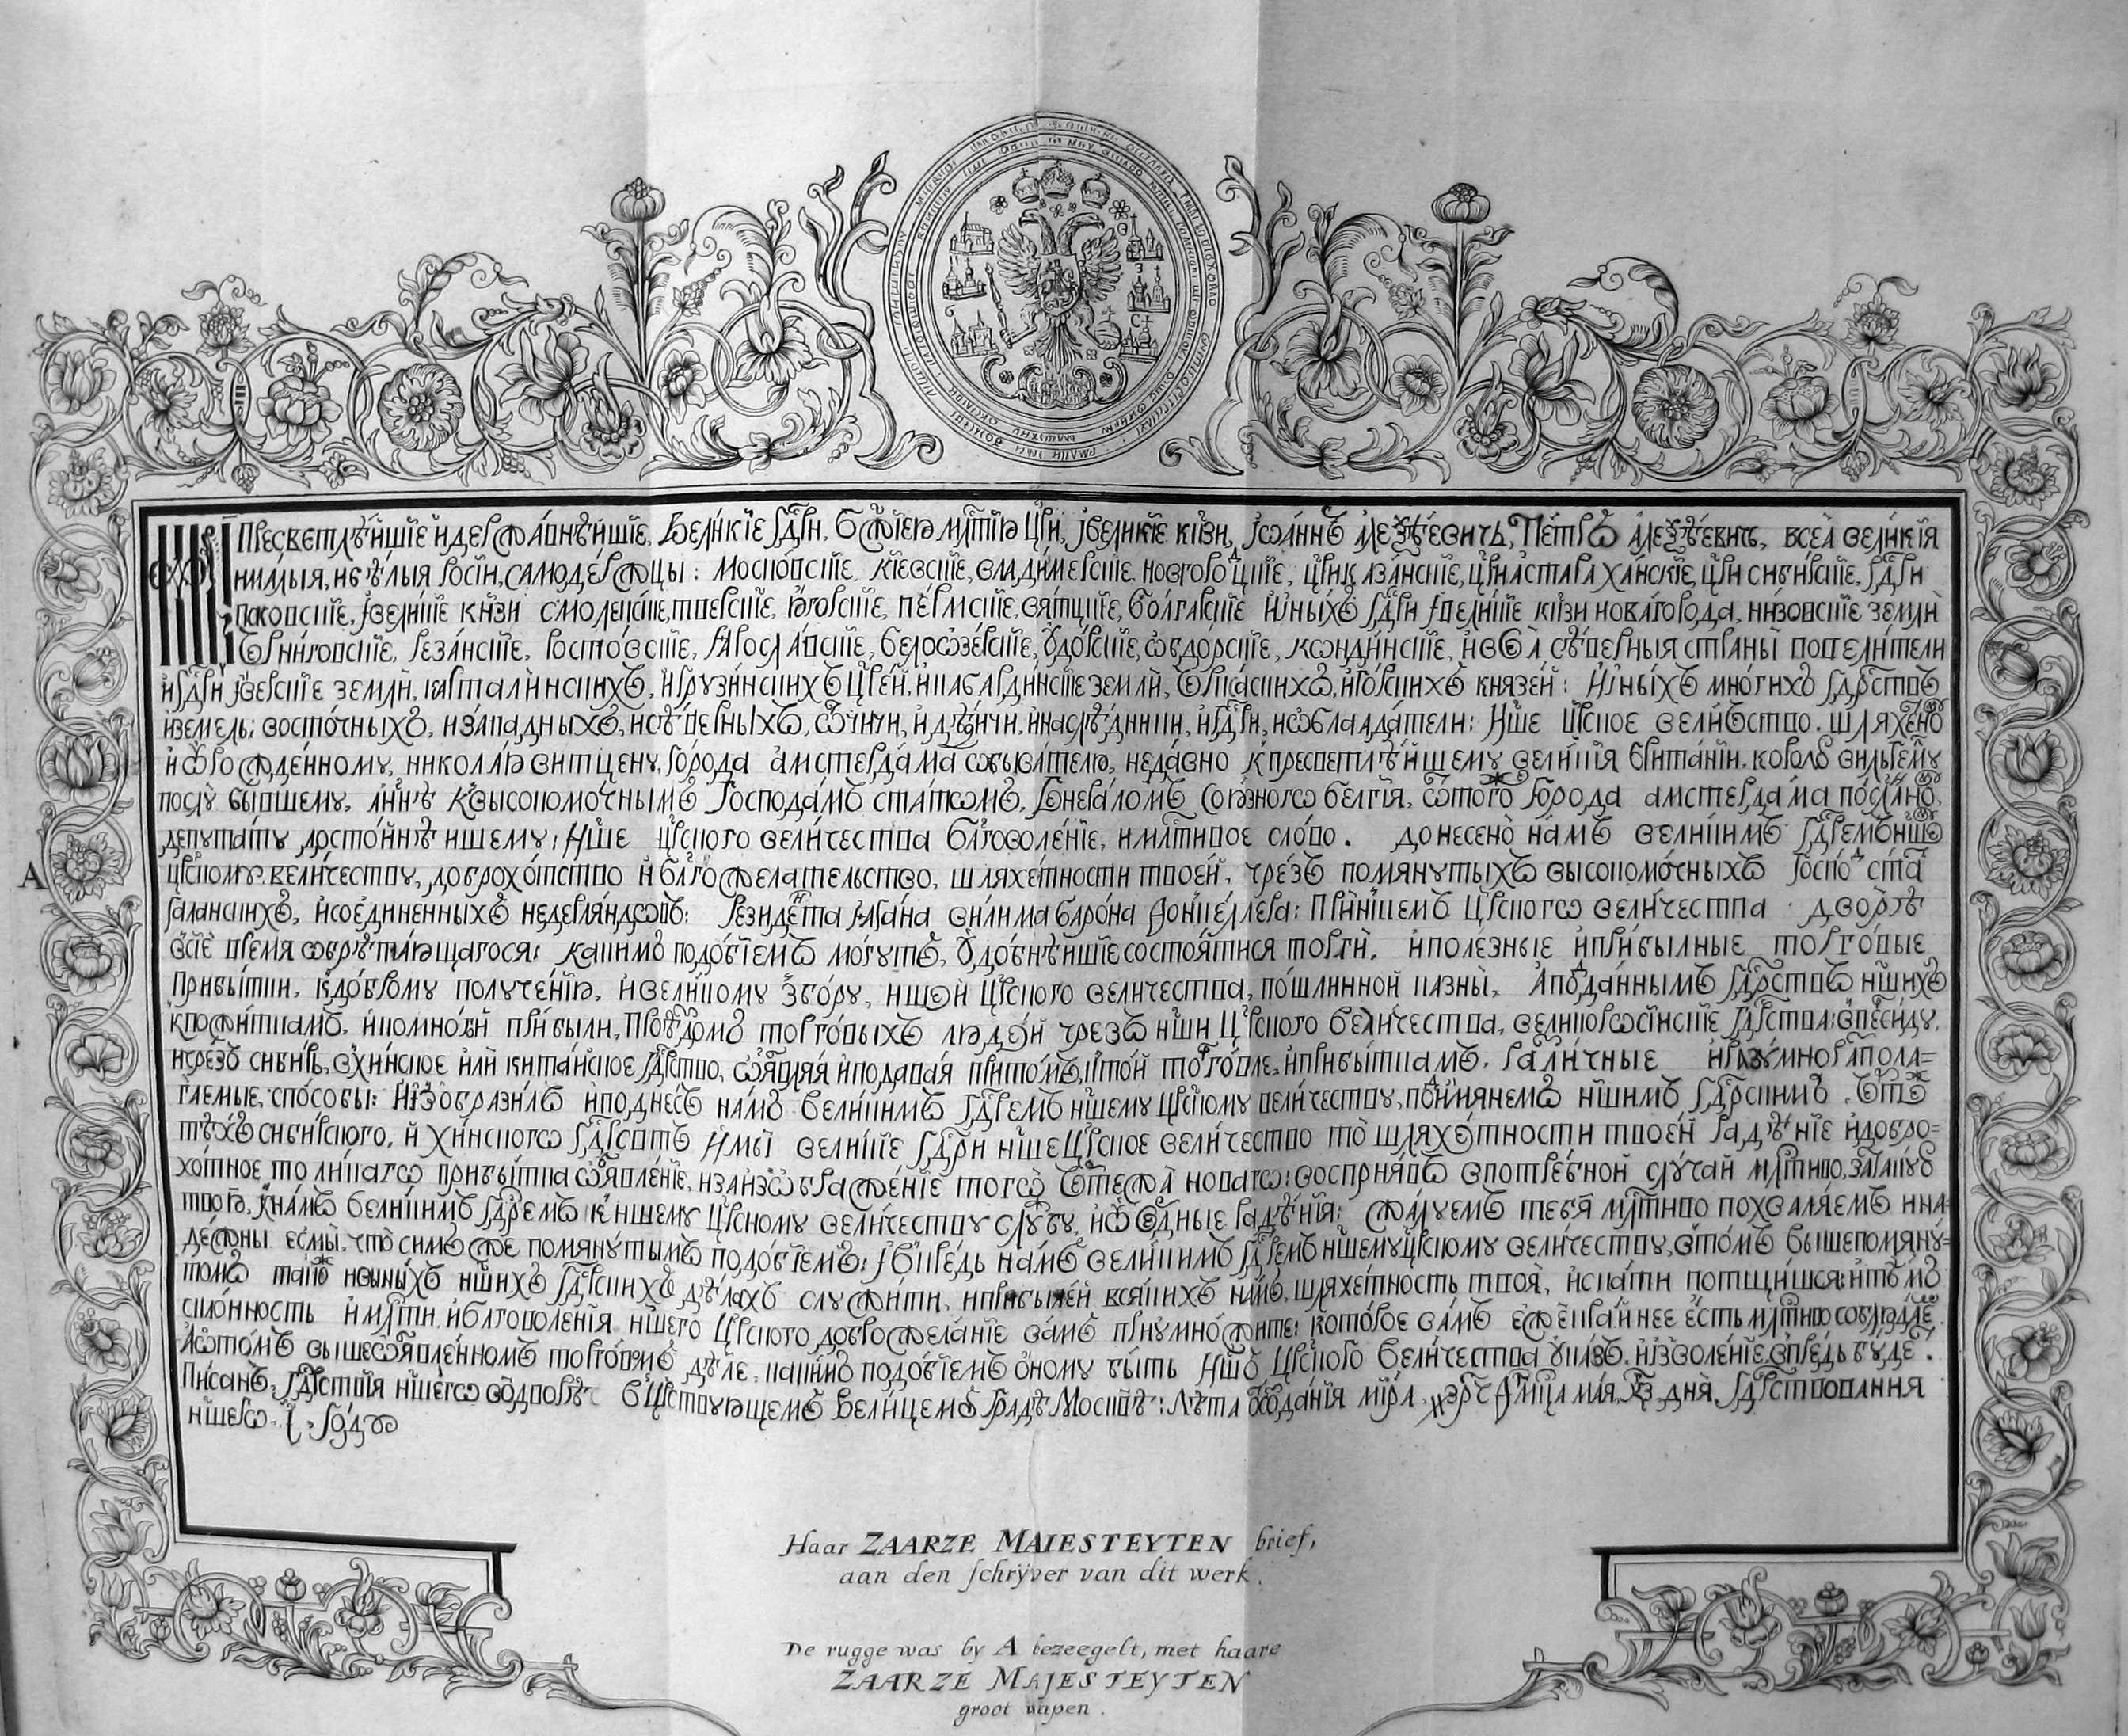 Письмо Их Царских Величеств автору этого труда. На обороте письмо запечатано печатью с Гербом Их Царских Величеств